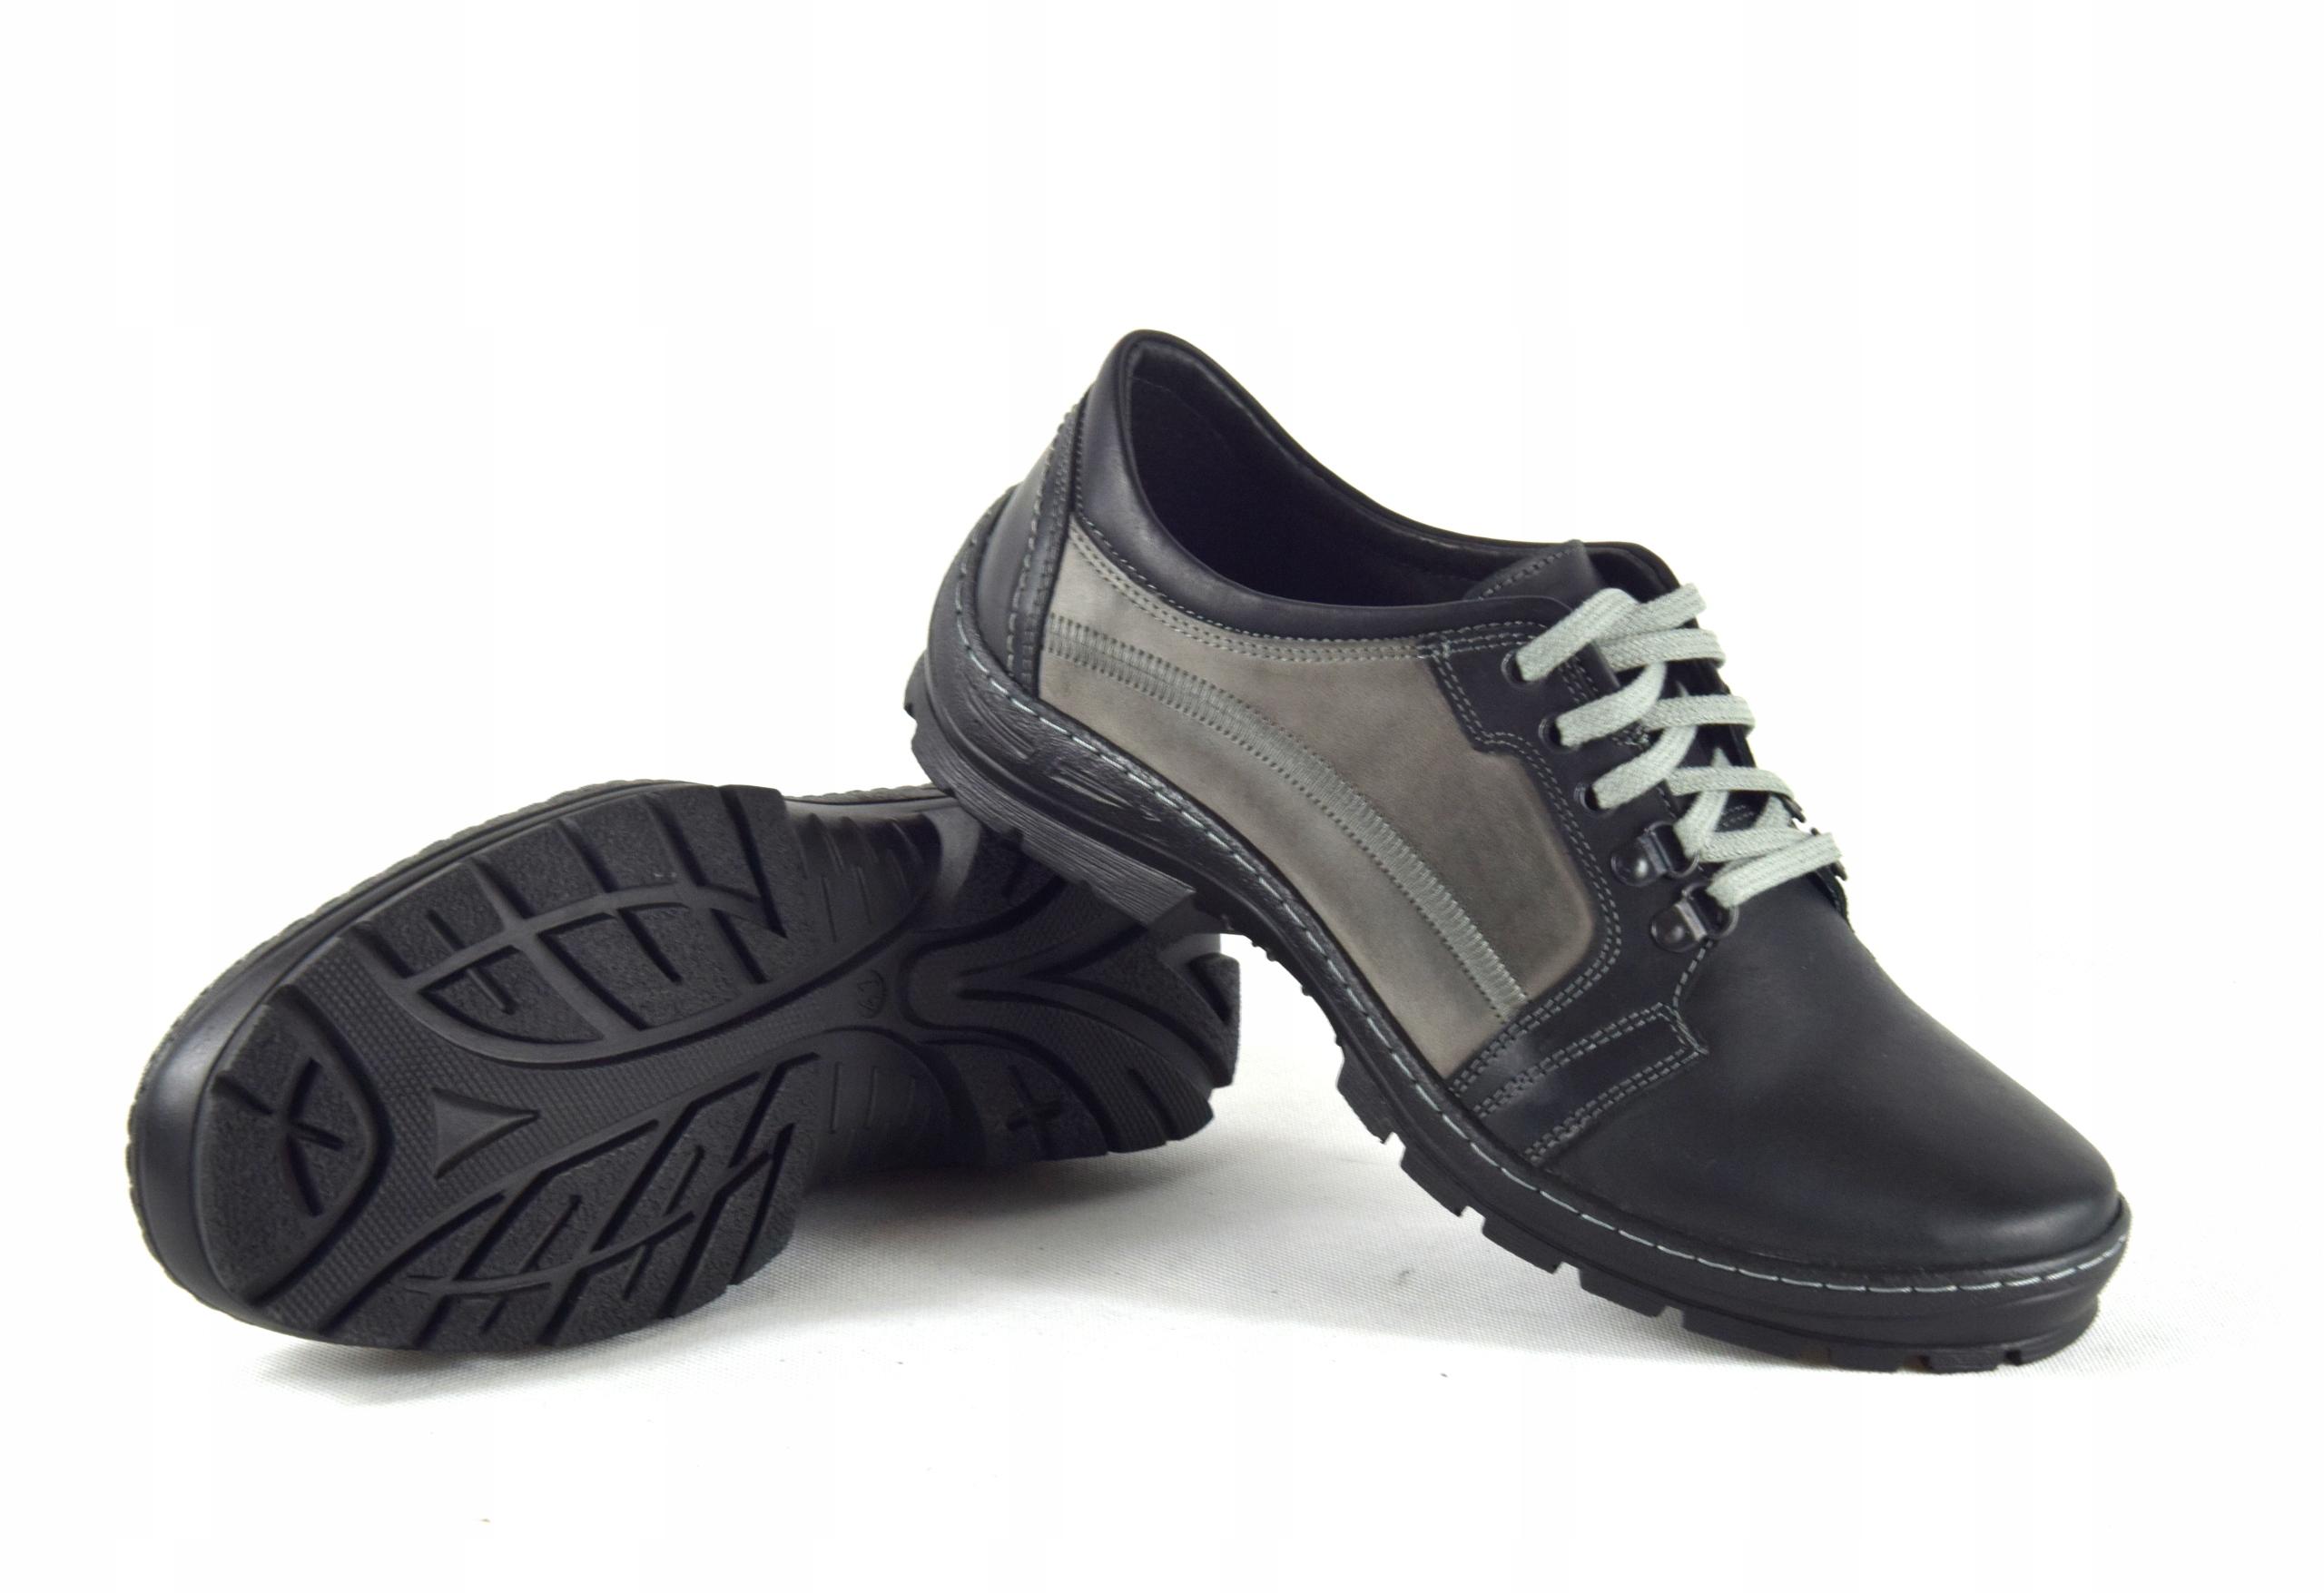 Półbuty trekkingowe męskie buty skórzane PL 192 Oryginalne opakowanie producenta pudełko